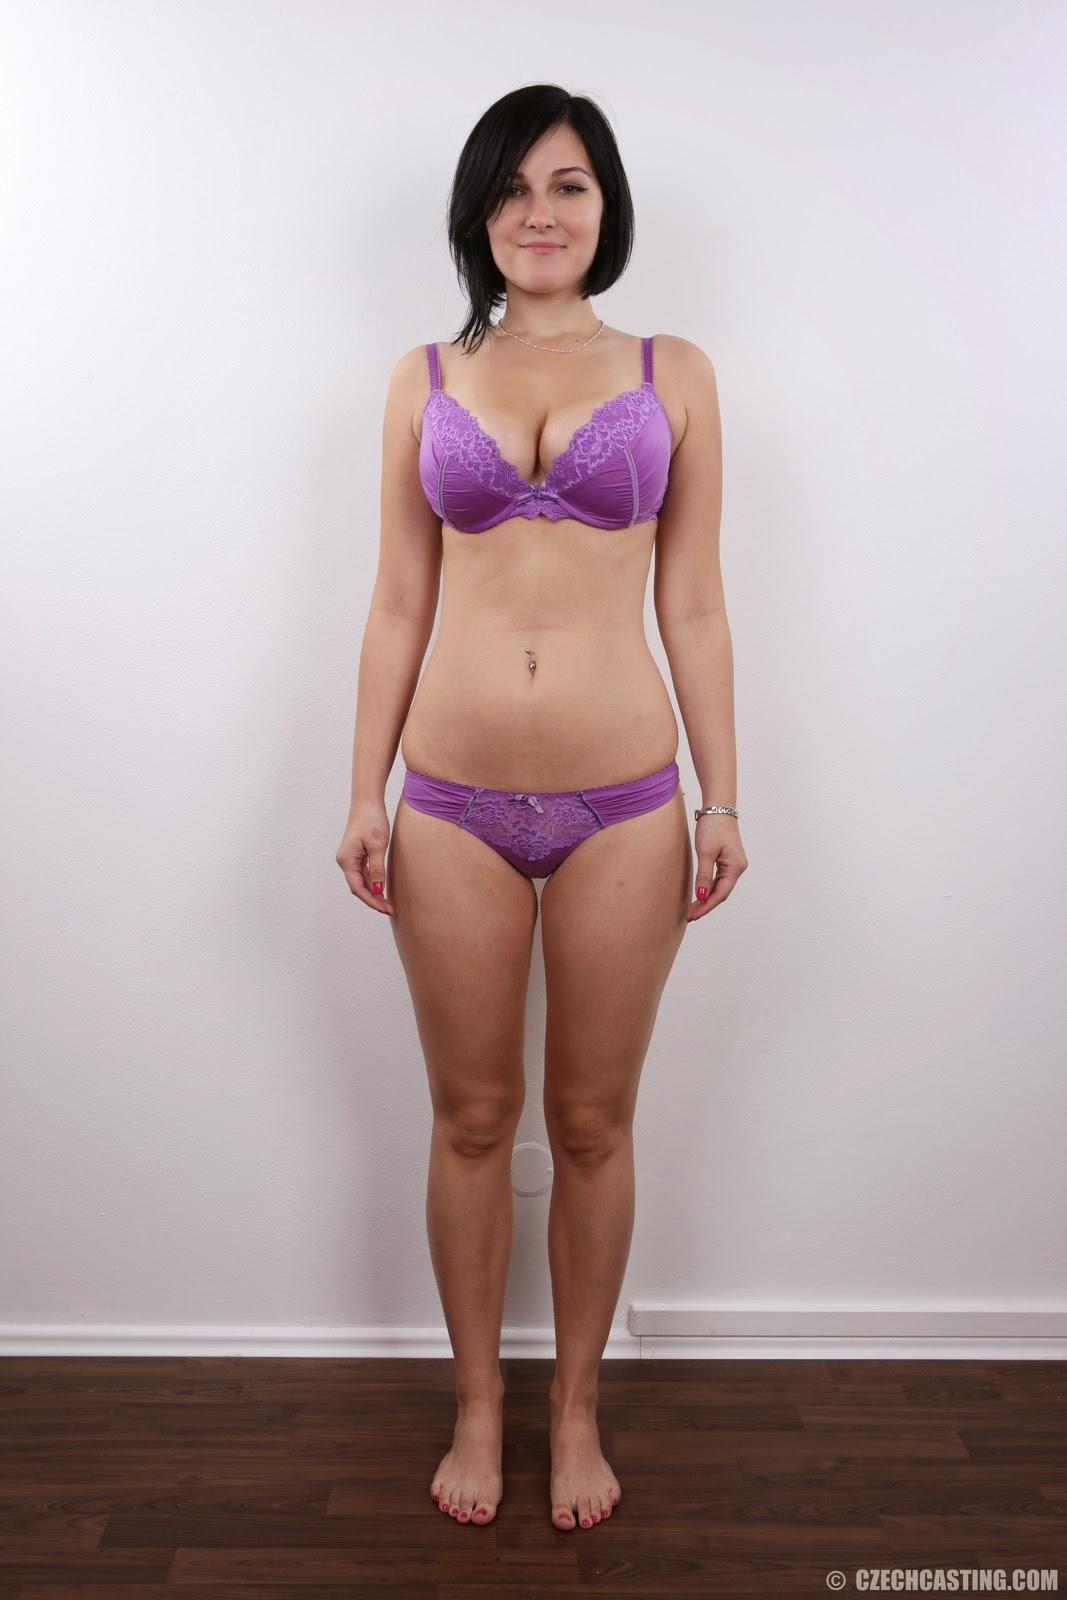 Market Nude Girl: La Zuzana des de la República Txeca